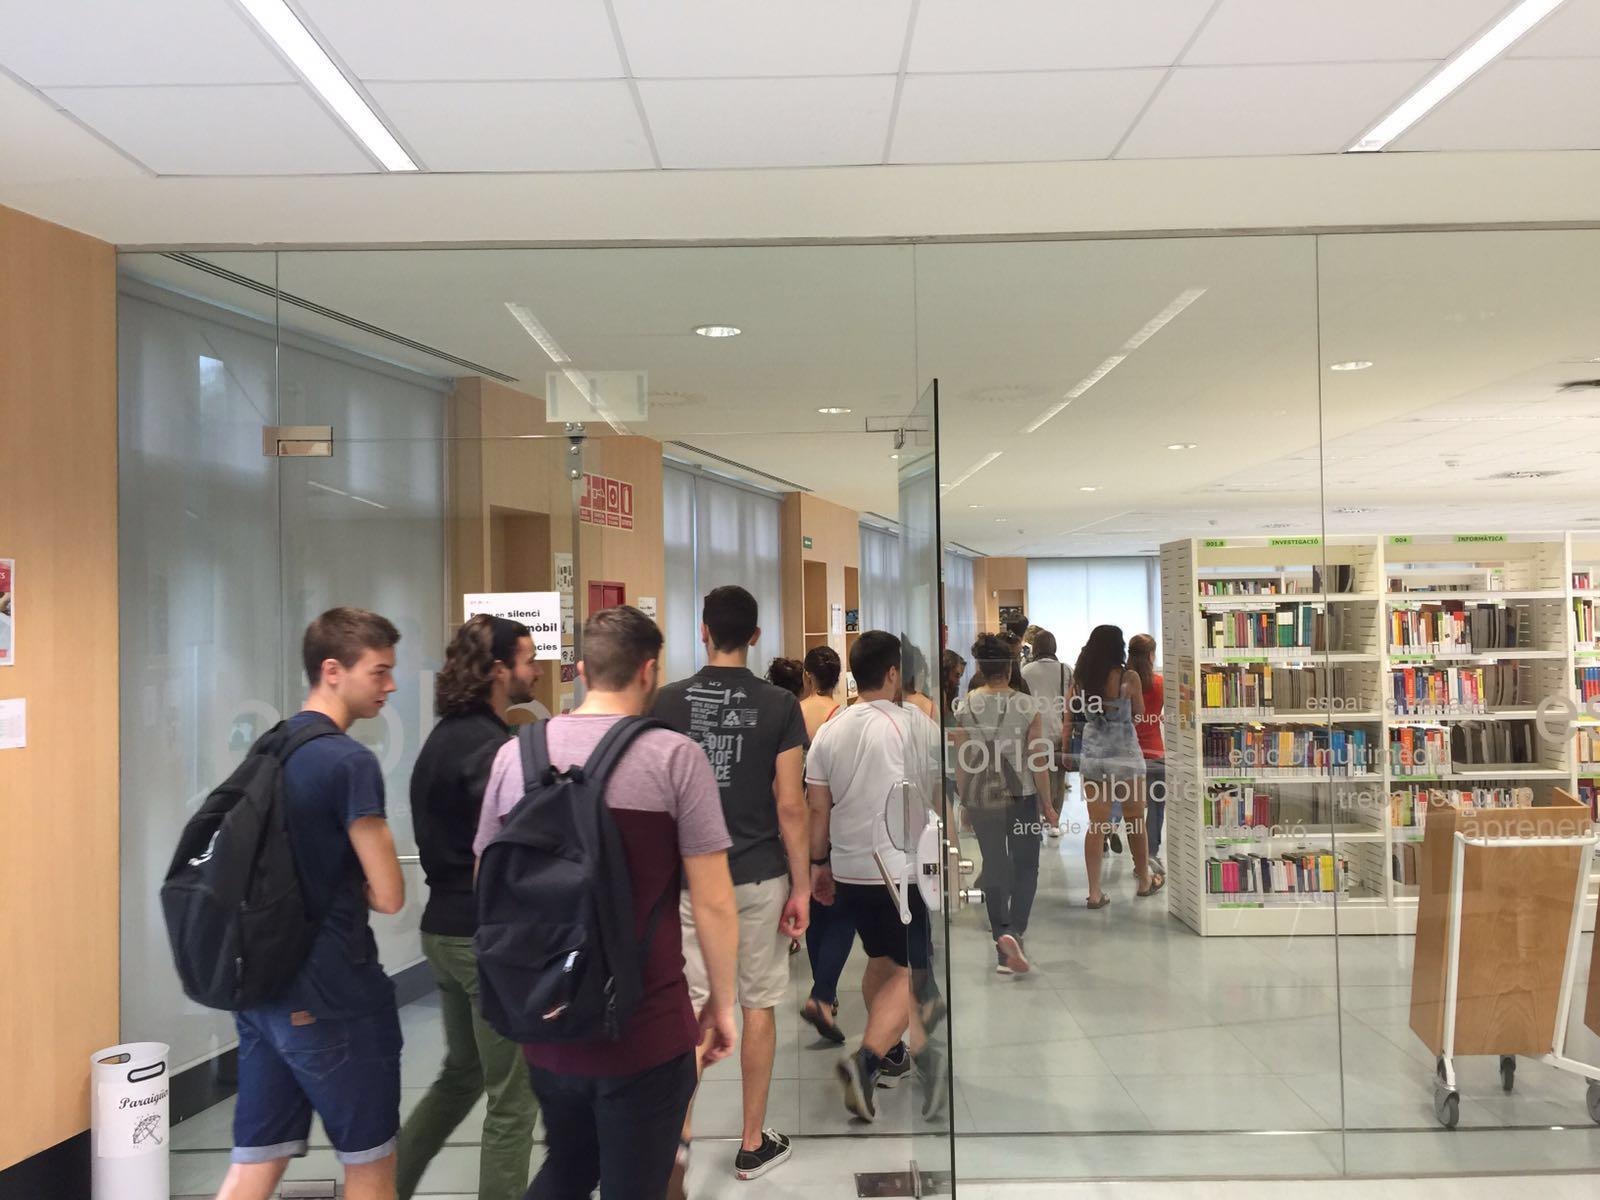 Els estudiants dels graus en CAFE i en Fisioteràpia d'EUSES visiten el CRAI del Campus Terres de l'Ebre de la Universitat Rovira i Virgili